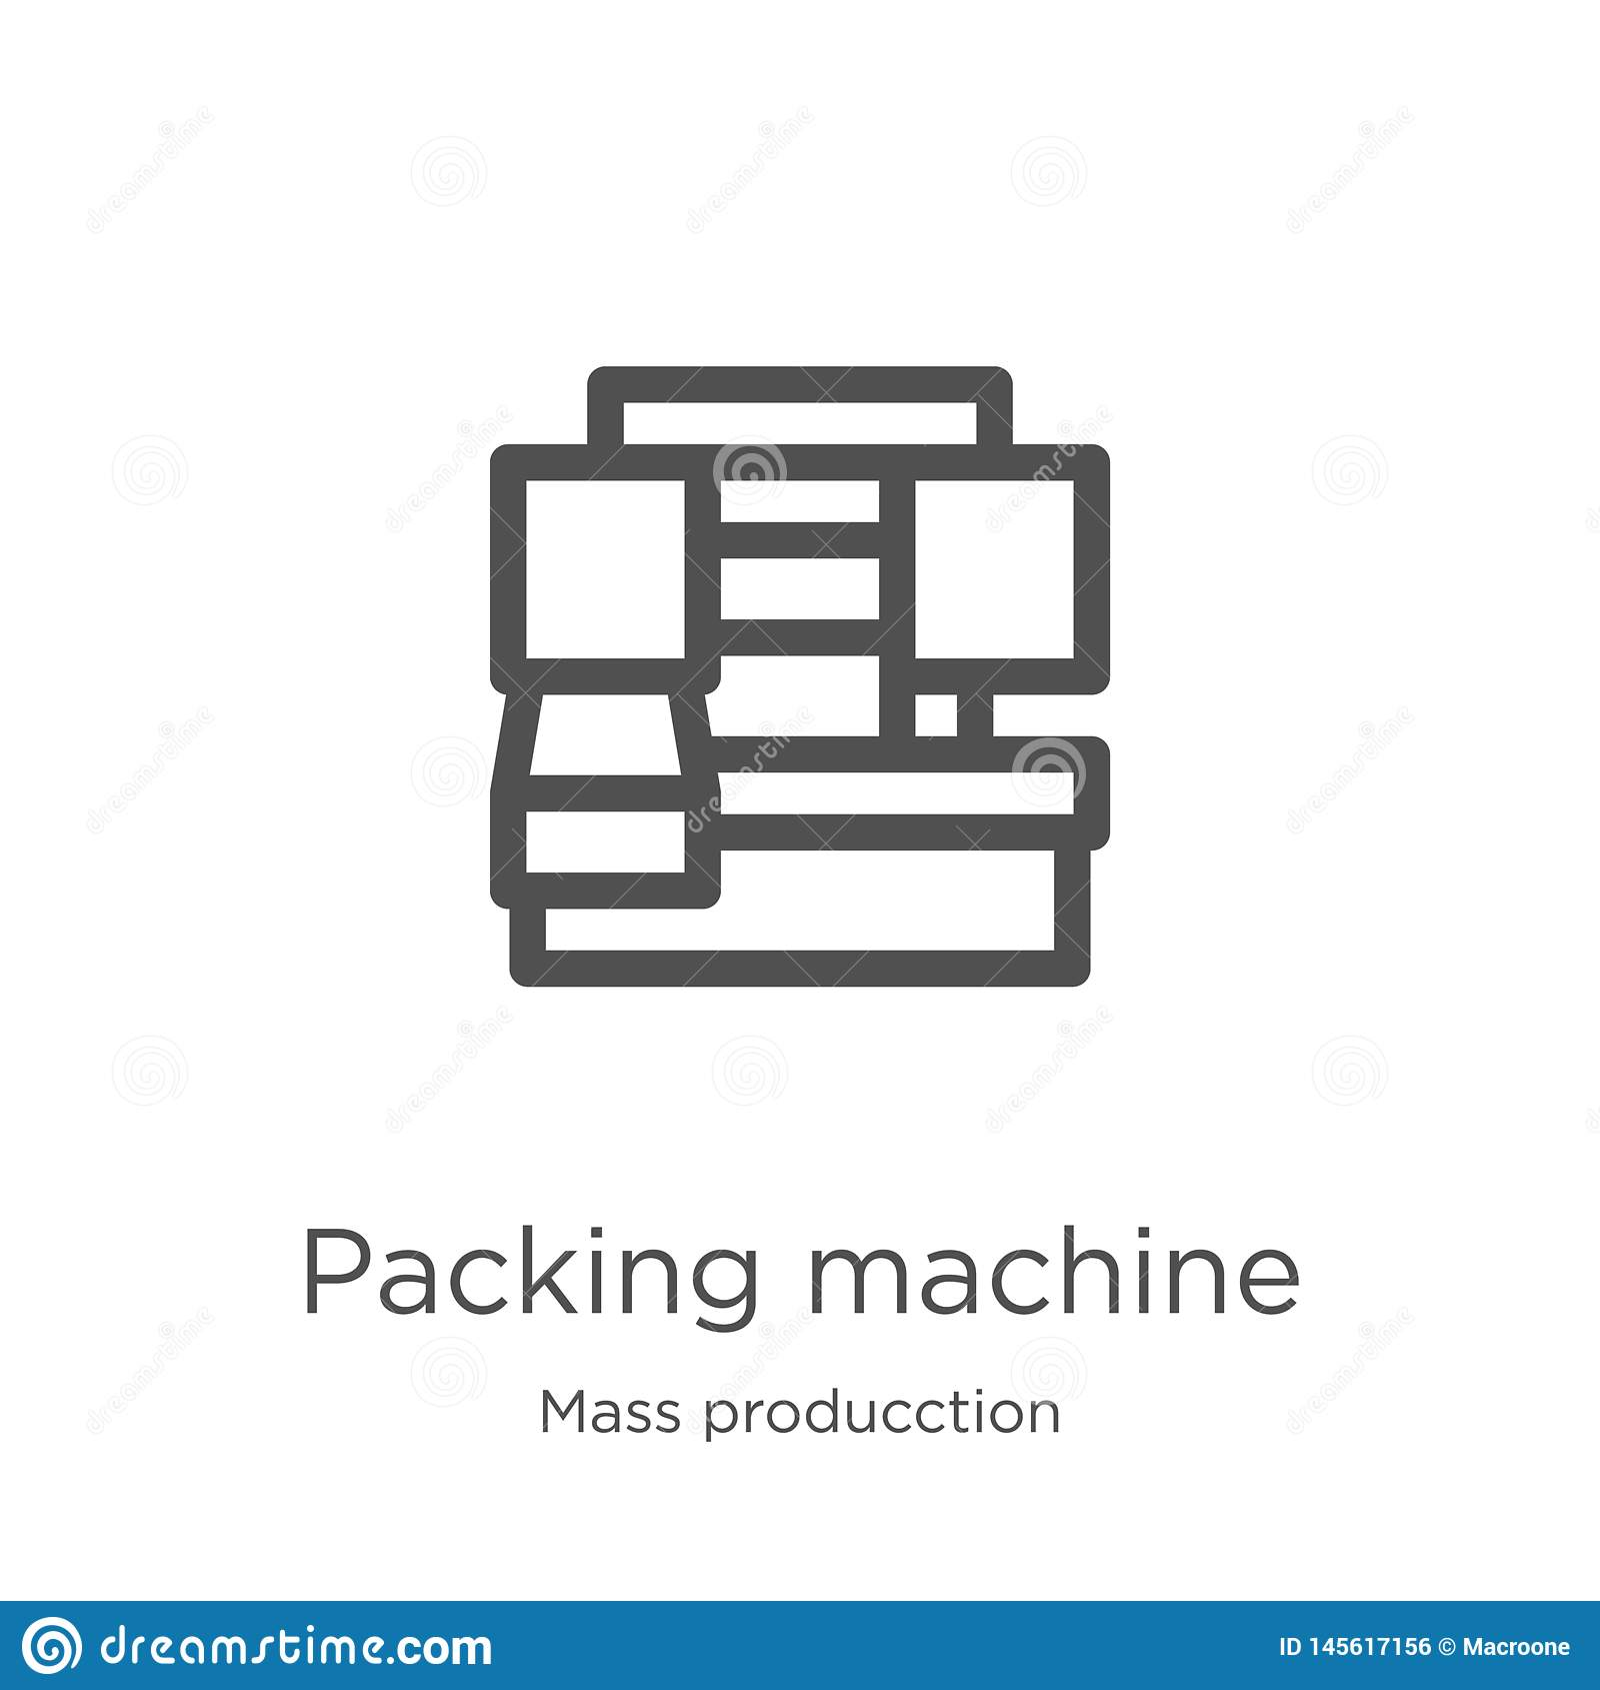 вектор значка машины упаковки от массового собрания producction Тонкая линия иллюстрация вектора значка плана машины упаковки Пла